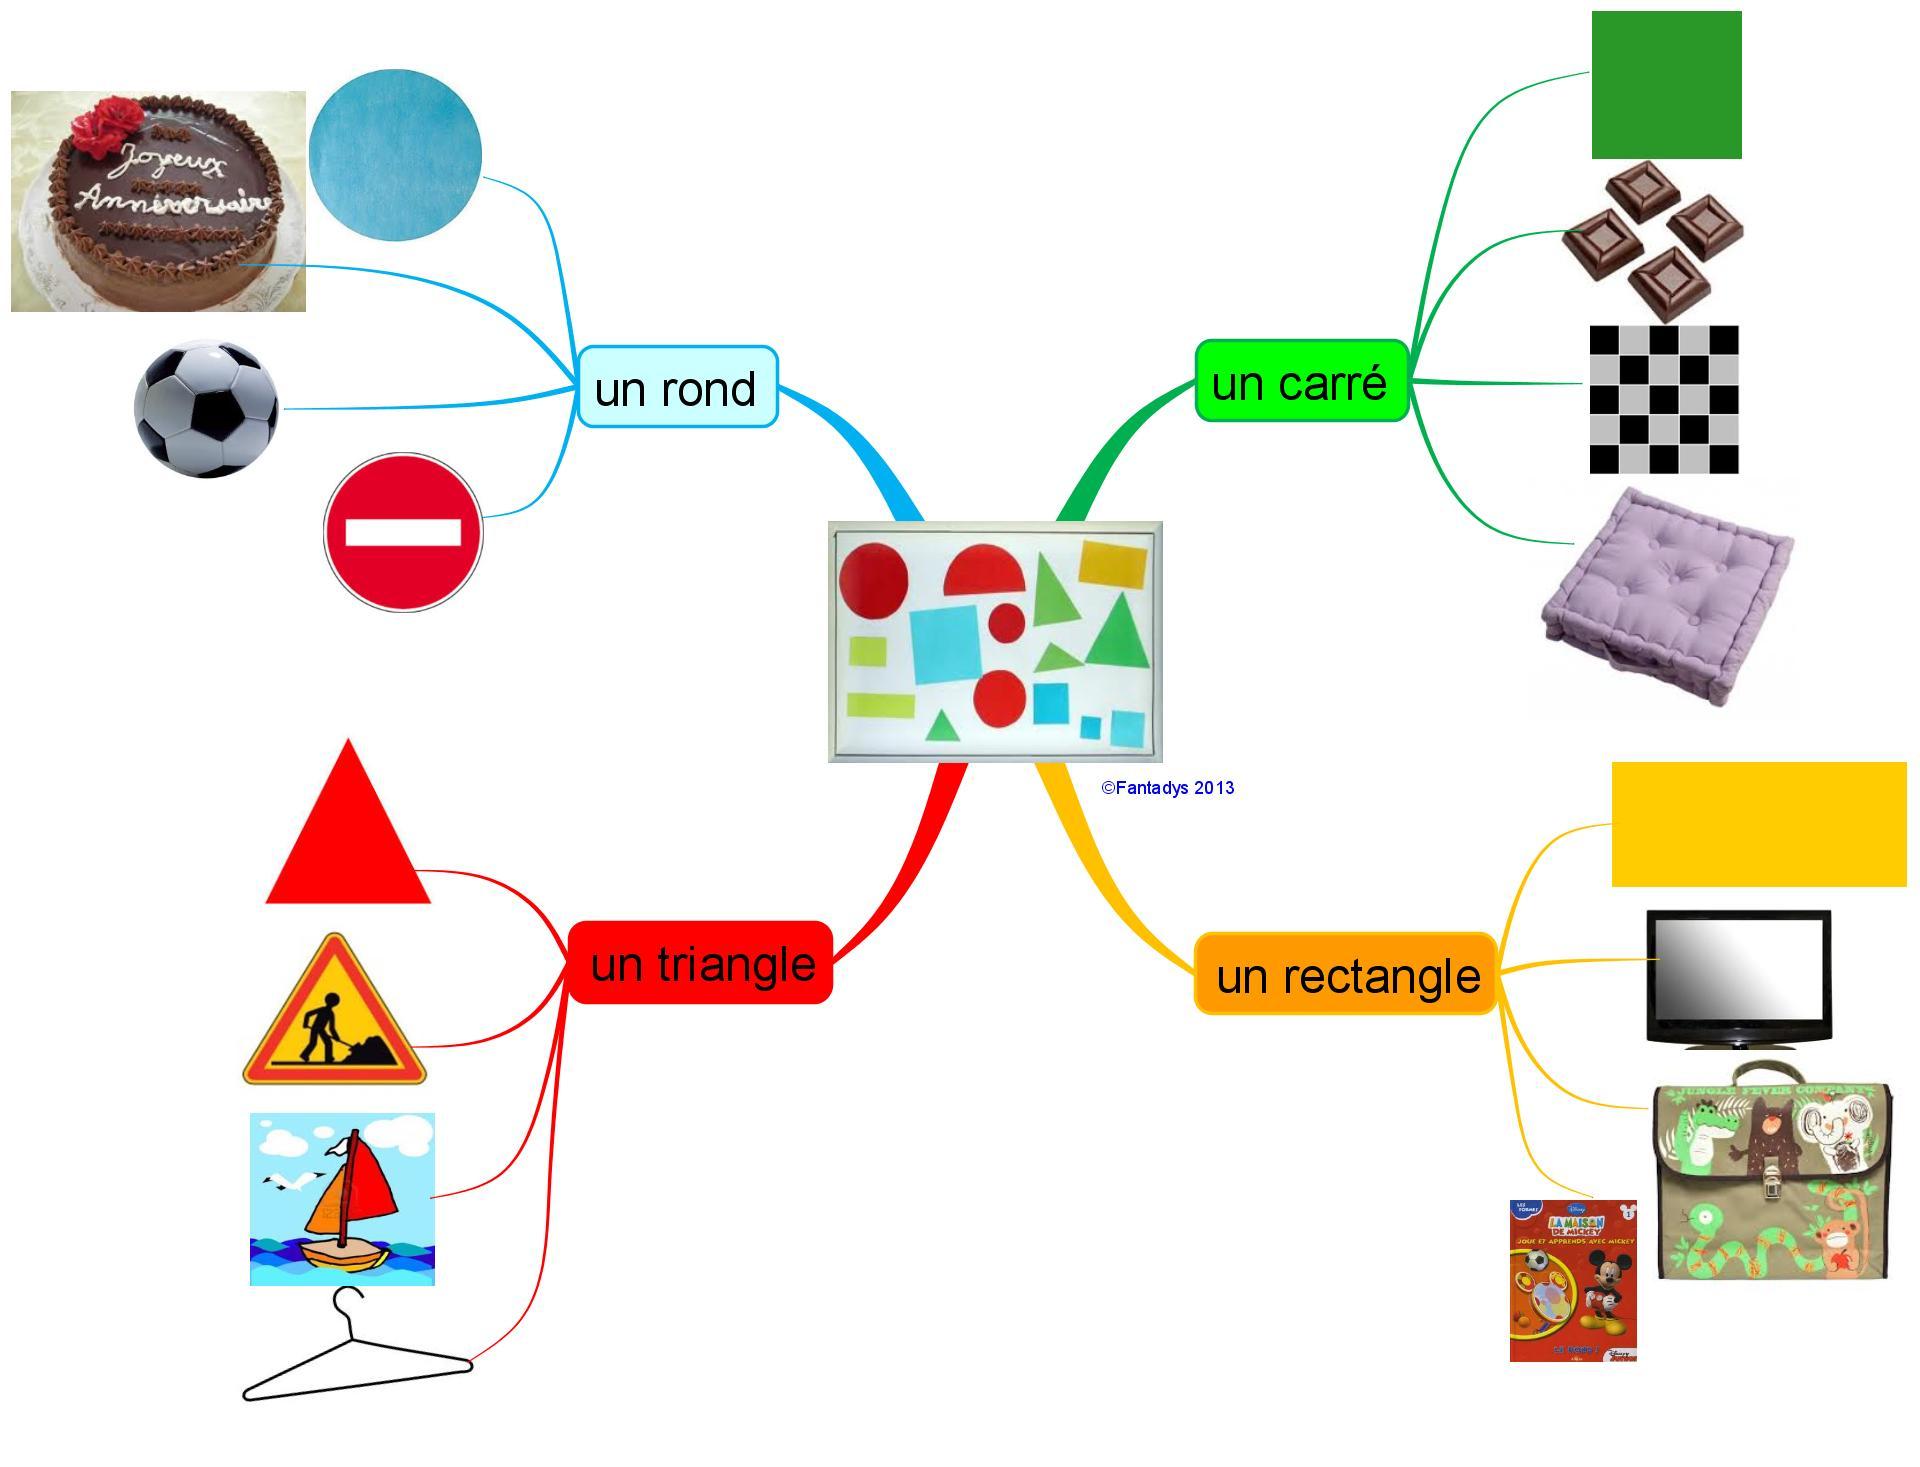 Une Carte Sur Les Premières Formes Géométriques | Fantadys avec Les Formes Geometrique